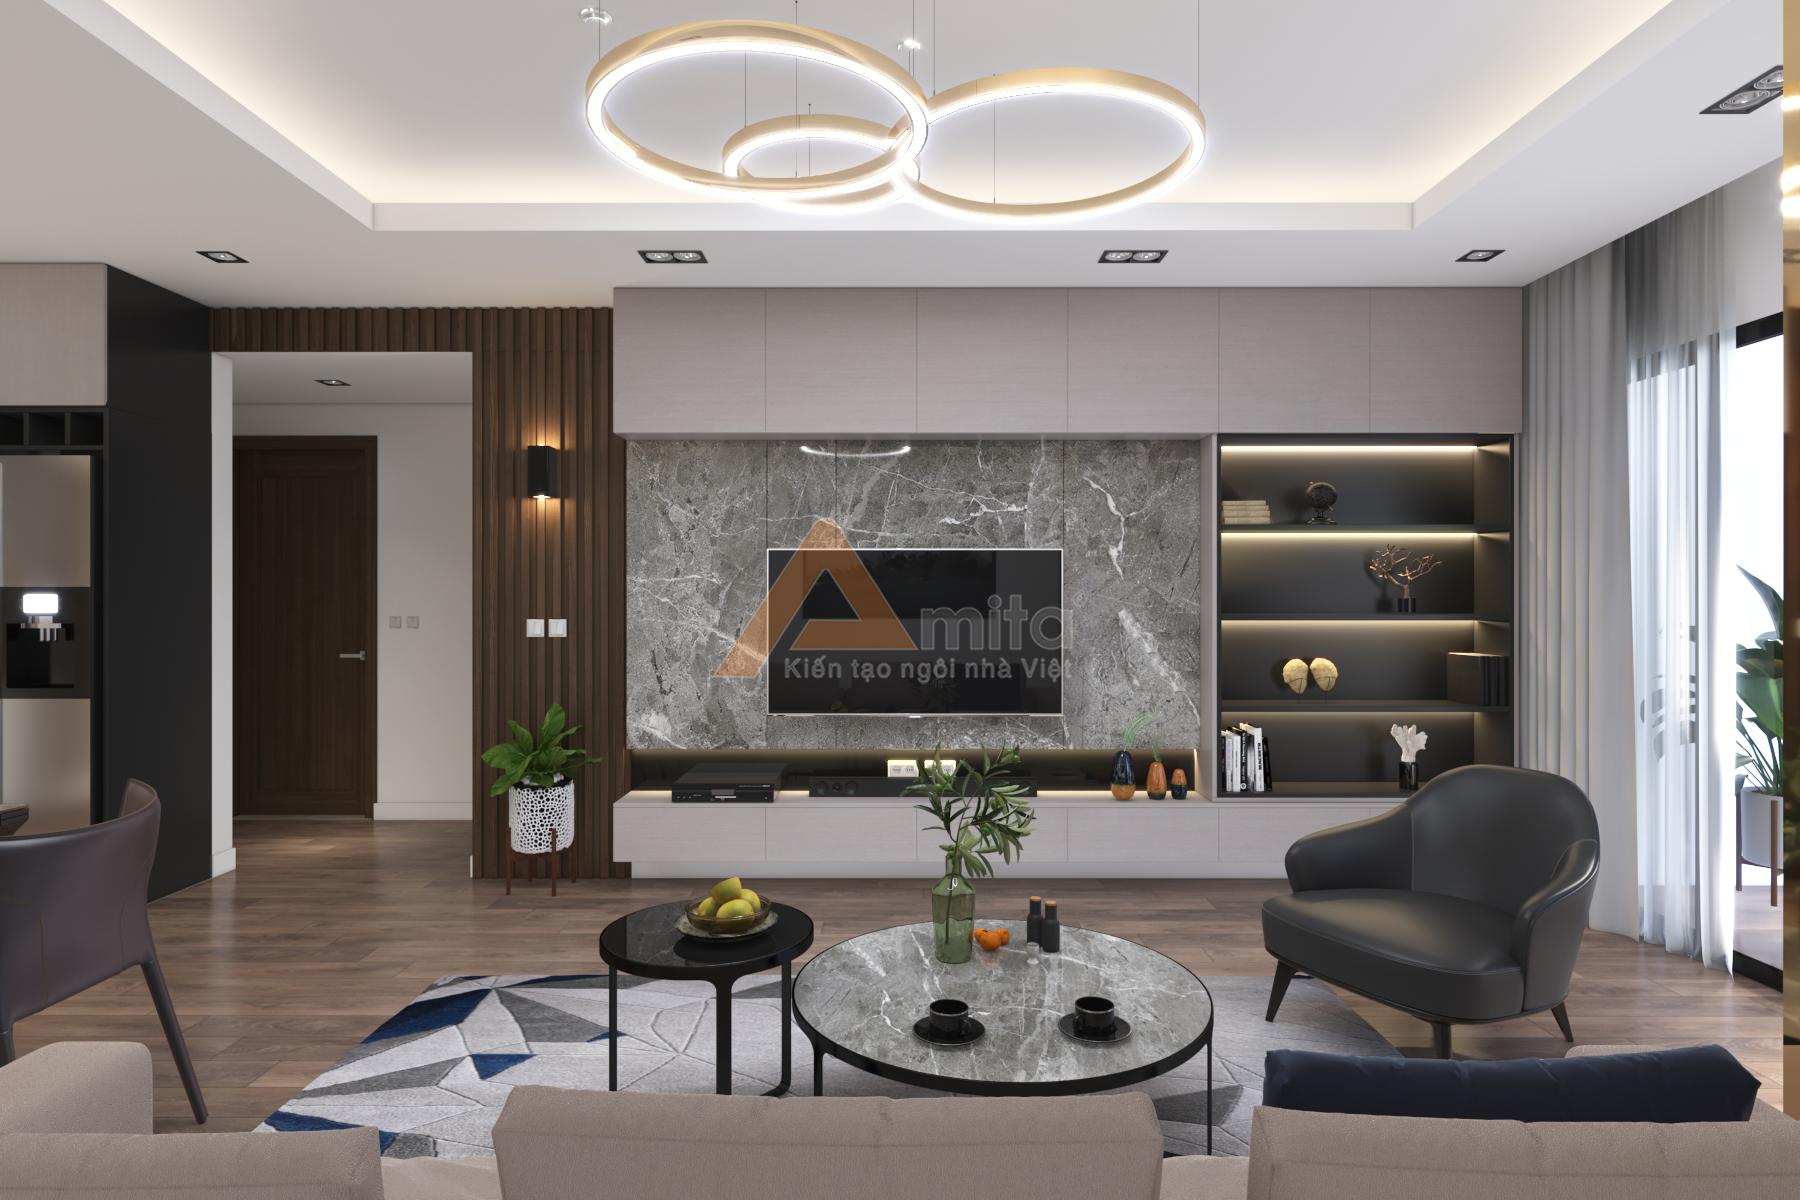 thiết kế nội thất chung cư tại Hà Nội Chung cư New Skyline - Văn Quán 1 1572341527